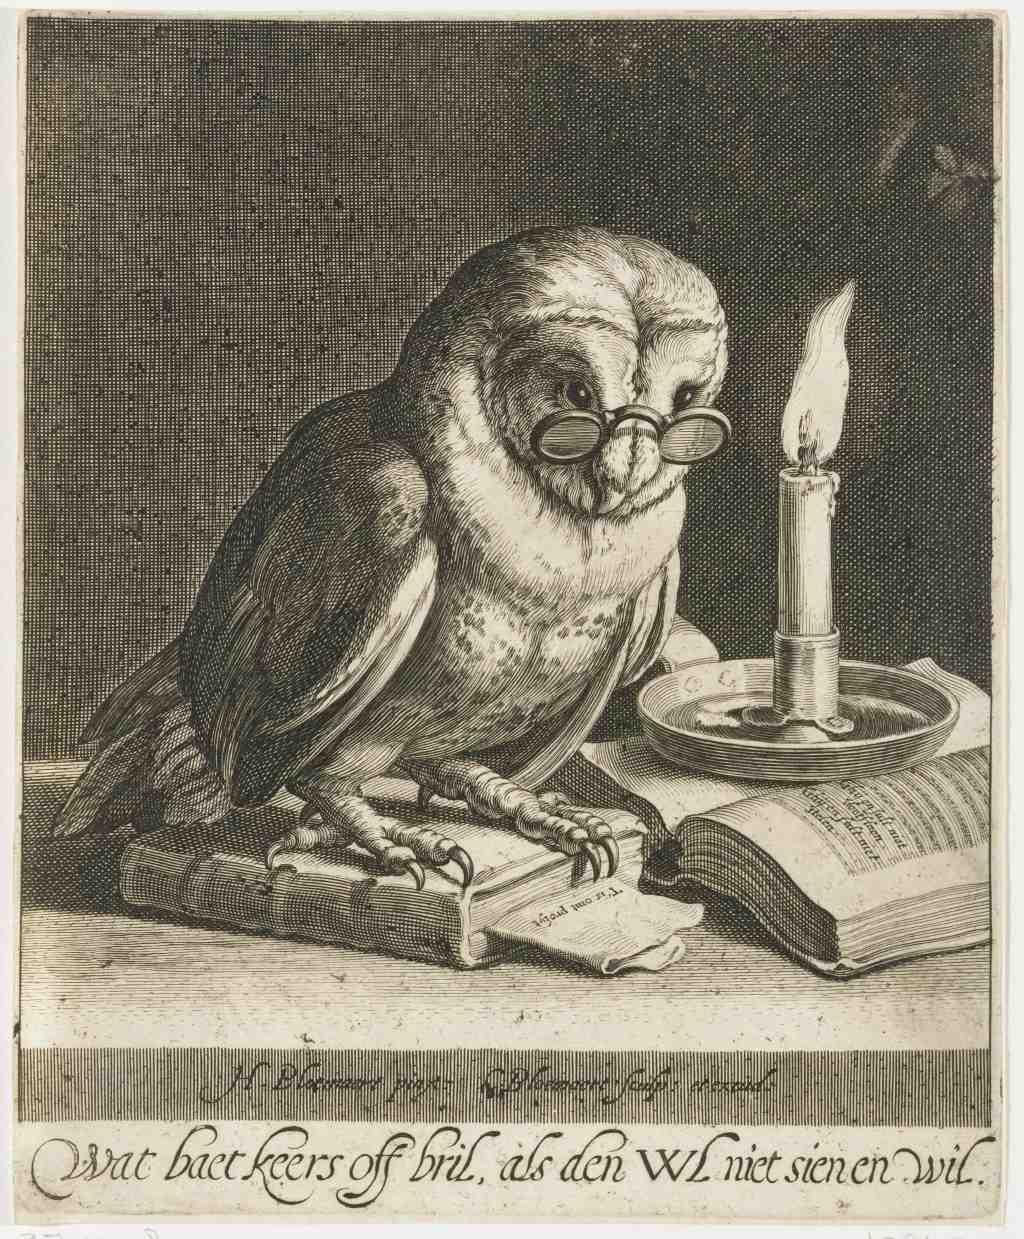 """Cornelis Bloemaert, """"Eule mit Brille und Büchern"""", Radierung,1625, 22 x 18 cm. Sammlung Rijksmuseum Amsterdam, gemeinfrei, über Europeana."""